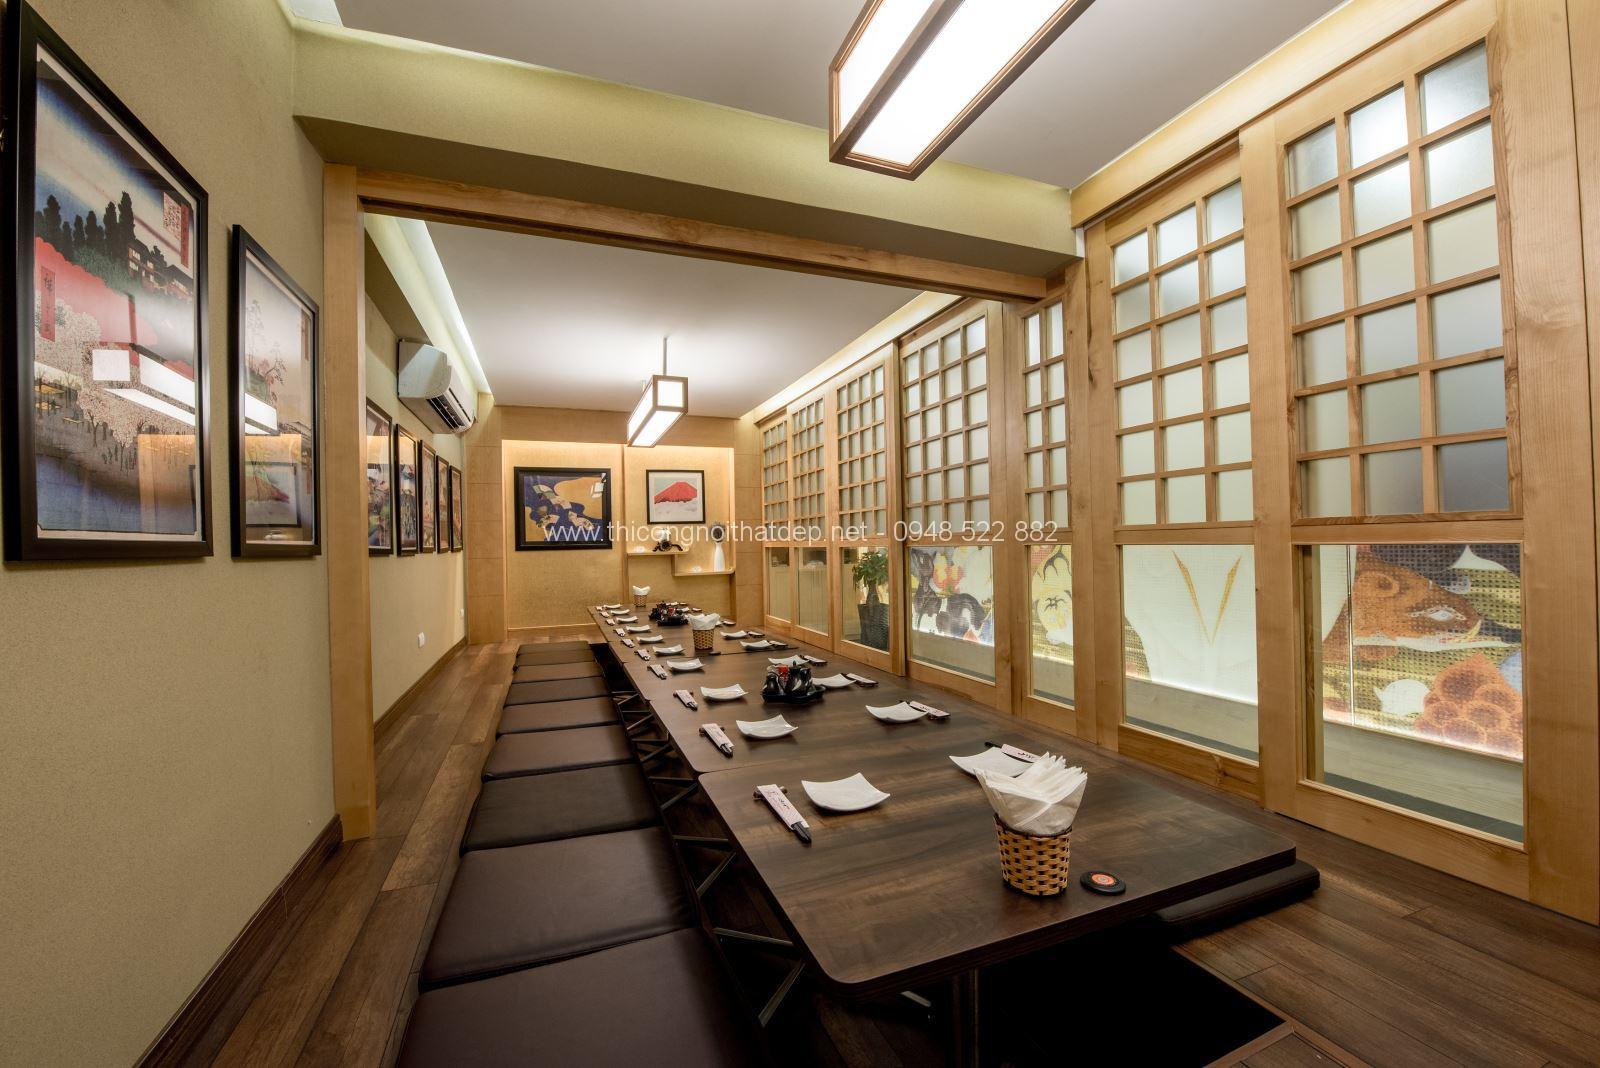 thiết kế nội thất nhà hàng phong cách Nhật